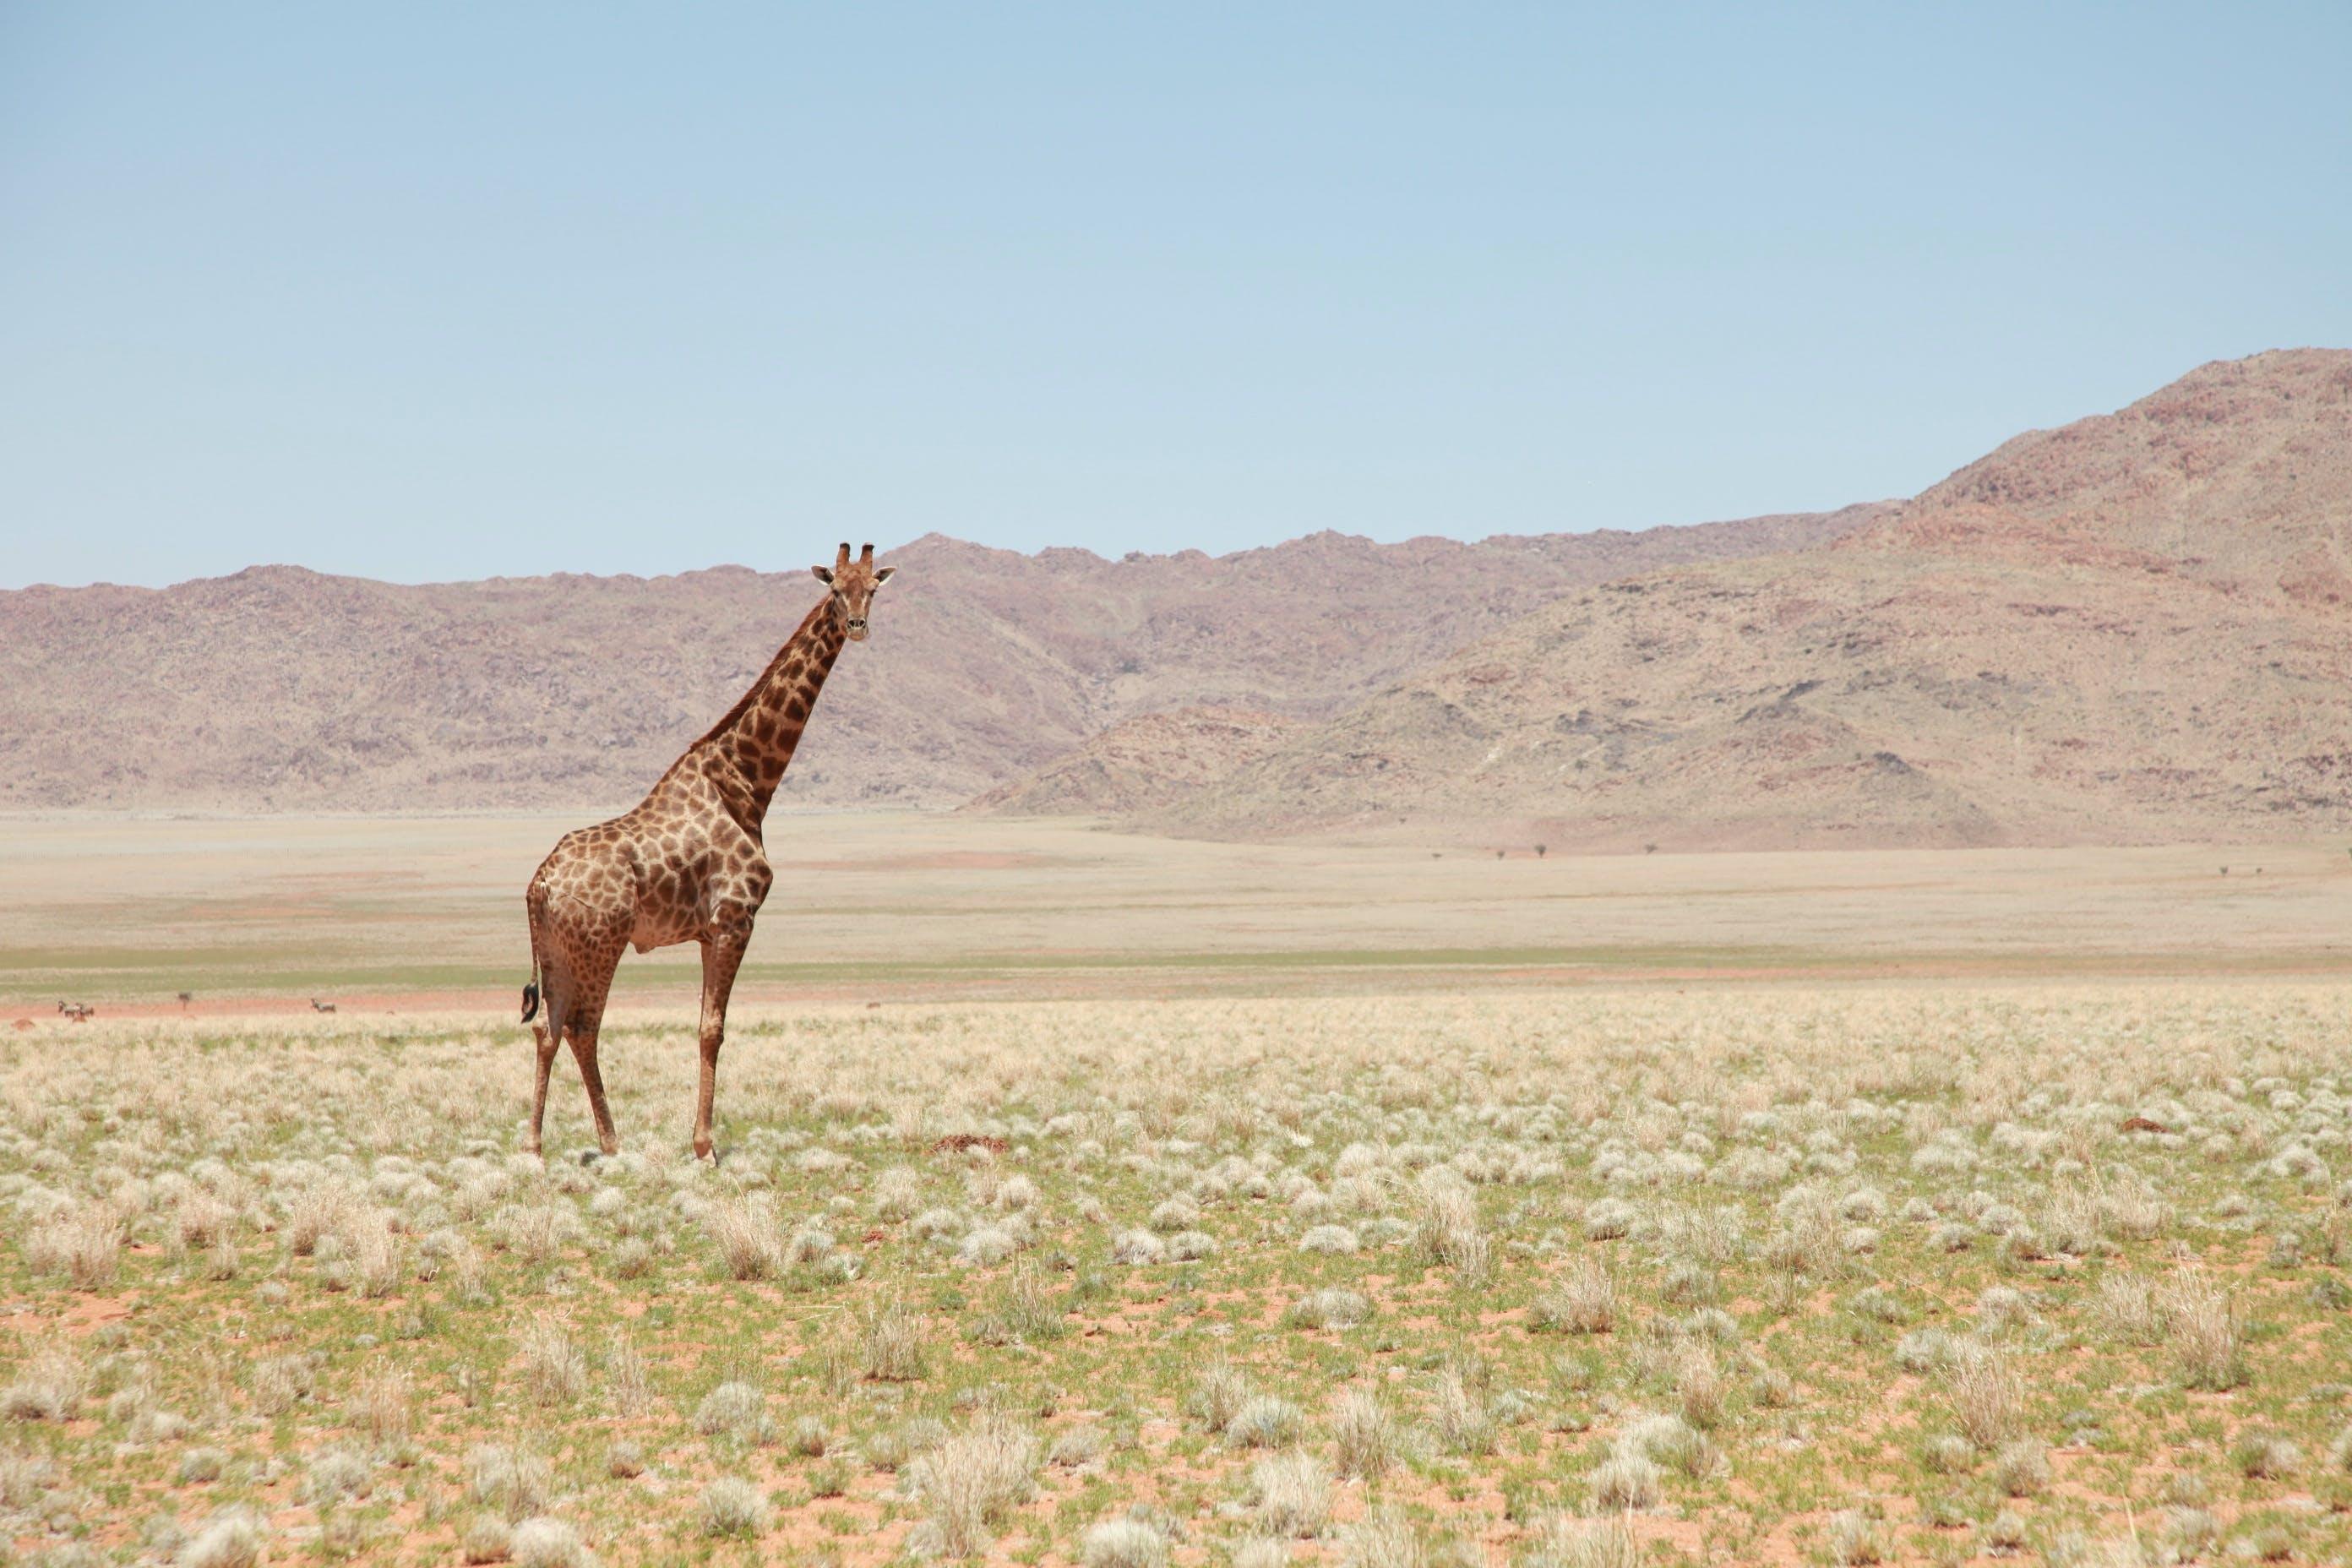 africa, arid, bushes